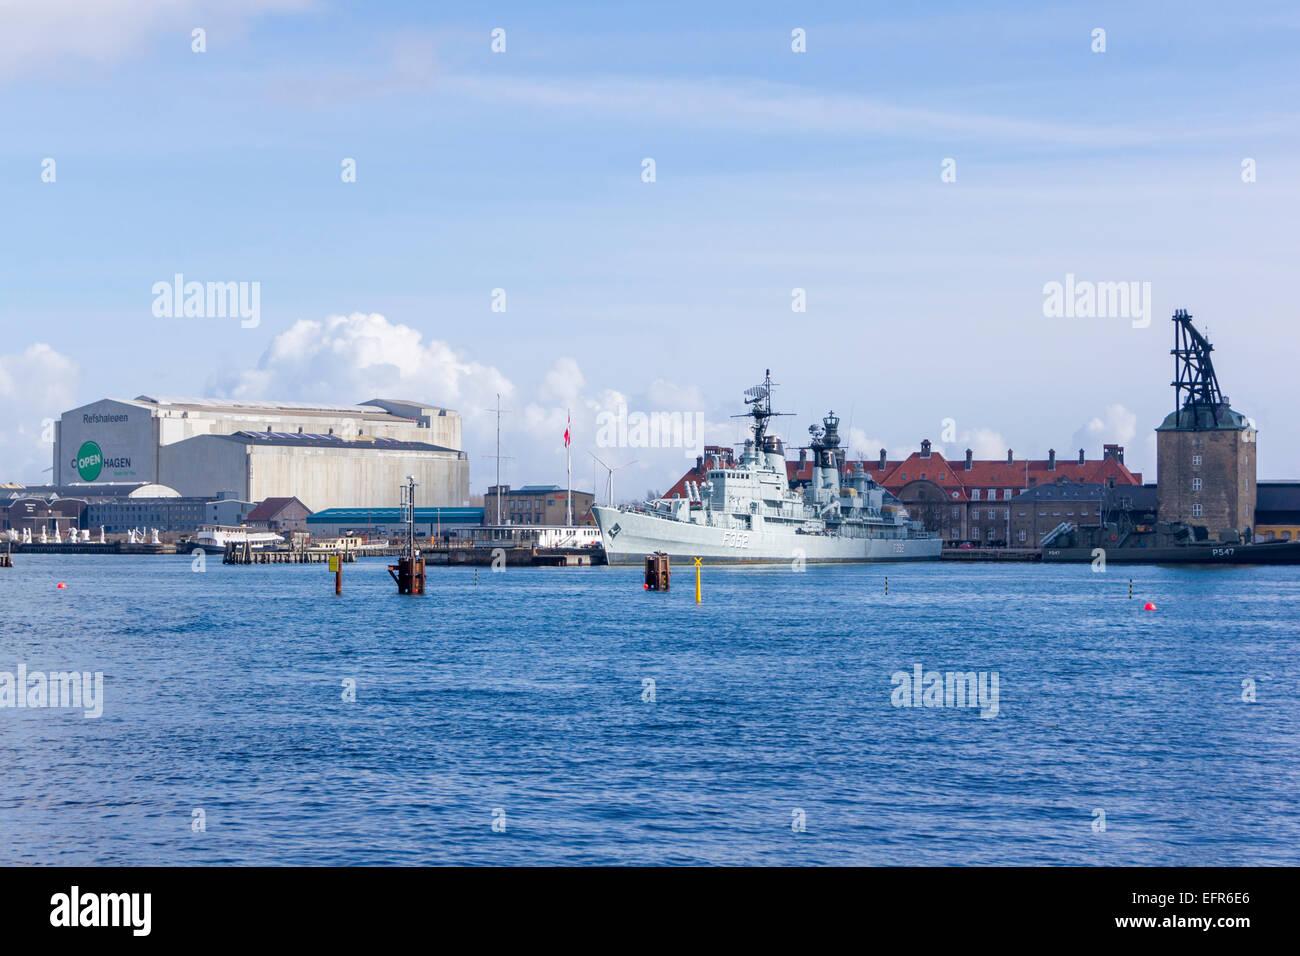 The Cold War frigate PEDER SKRAM at the former Holmen naval base. Copenhagen, Denmark - Stock Image